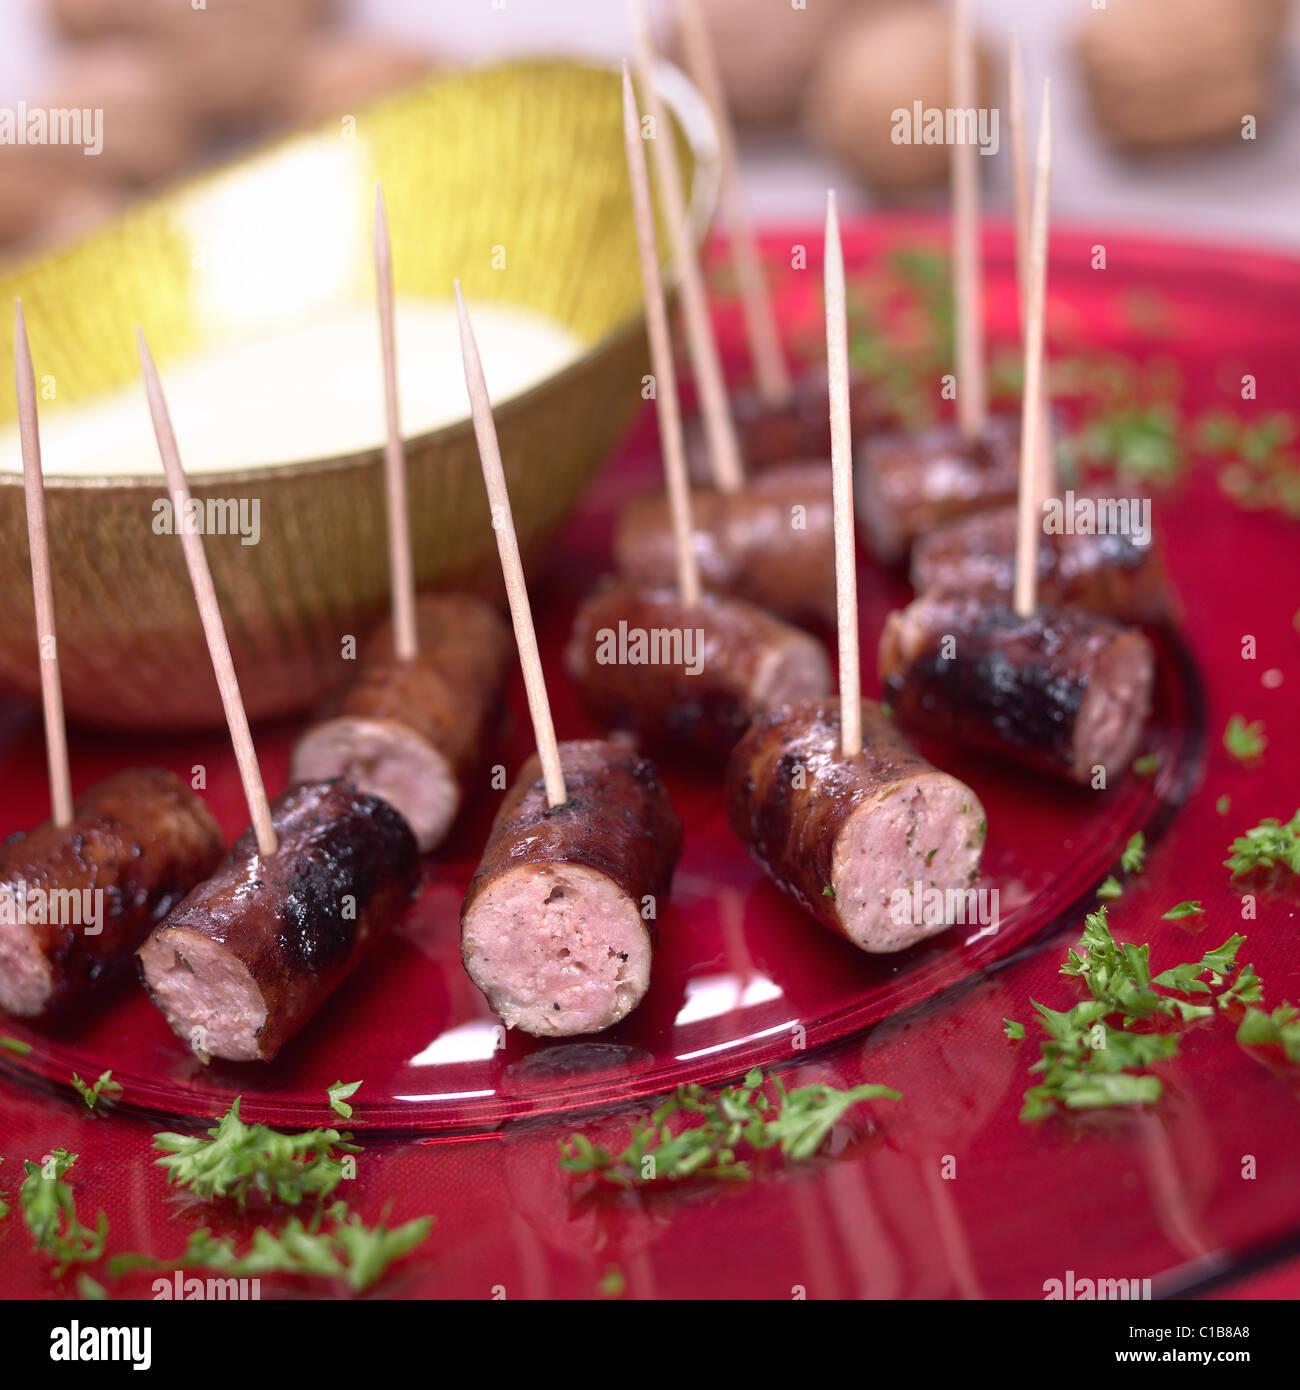 Wurst und Mash-Dips Stockfoto